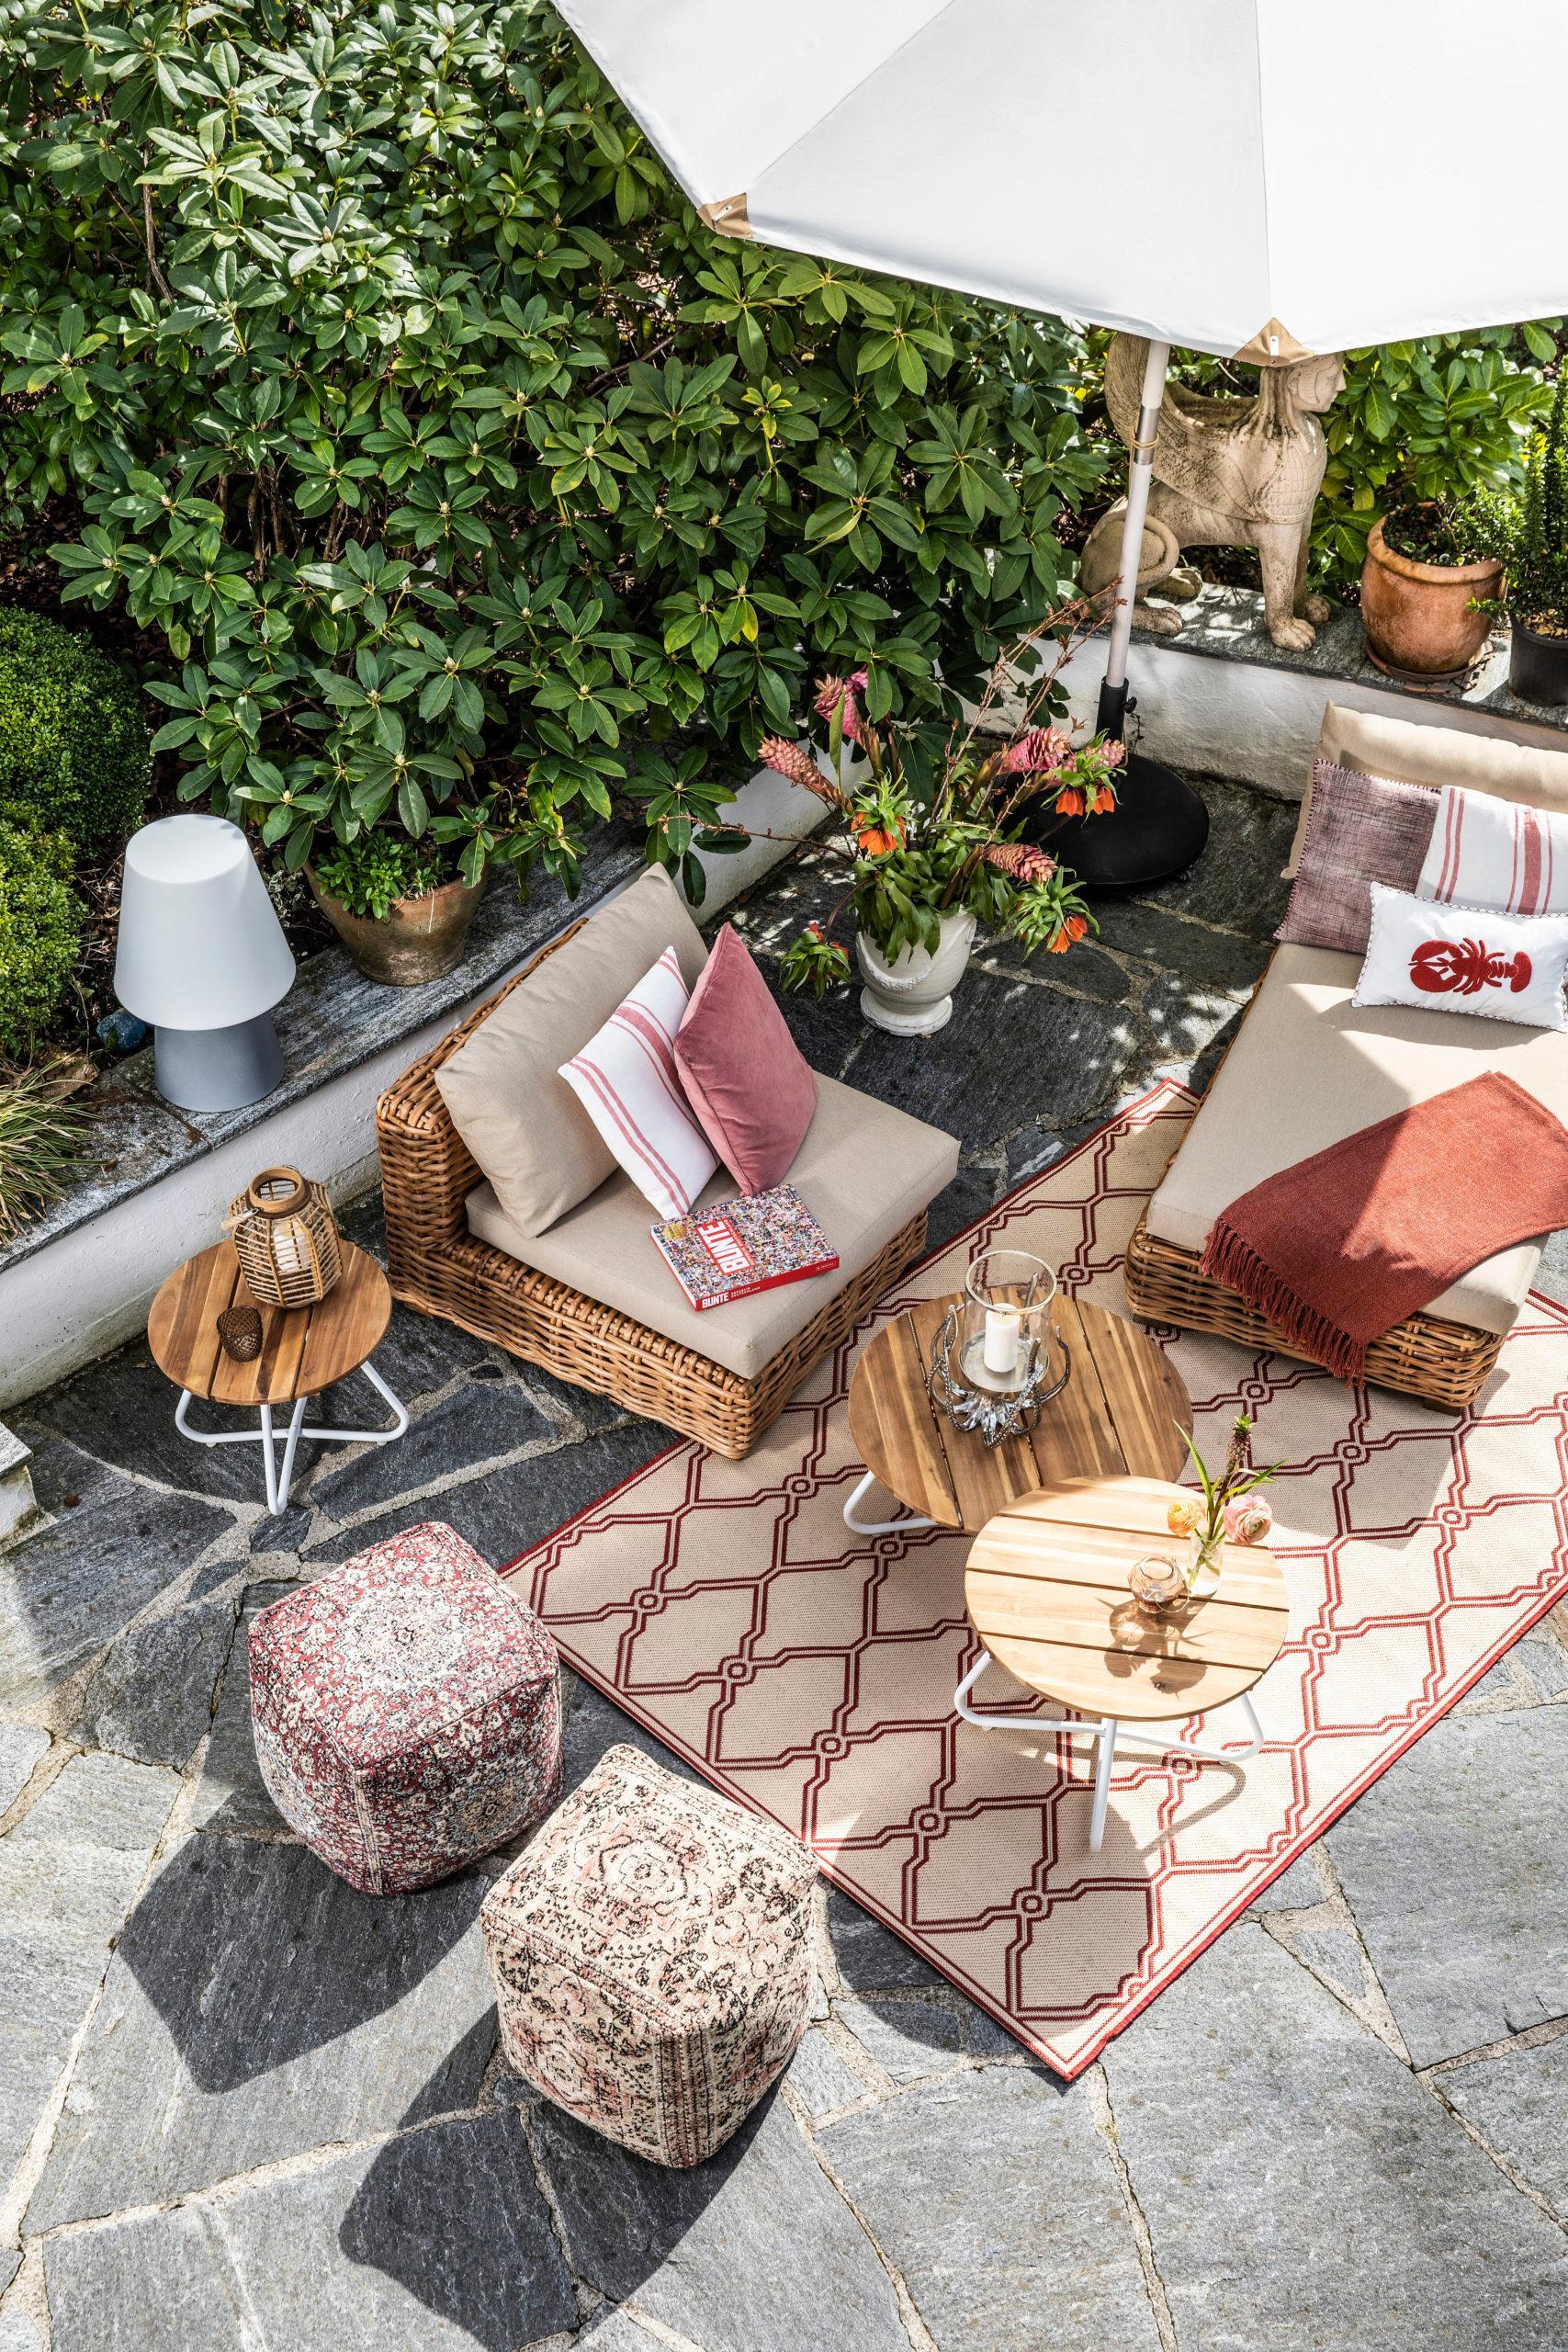 Sitzwürfel auf der Terrasse von oben fotografiert